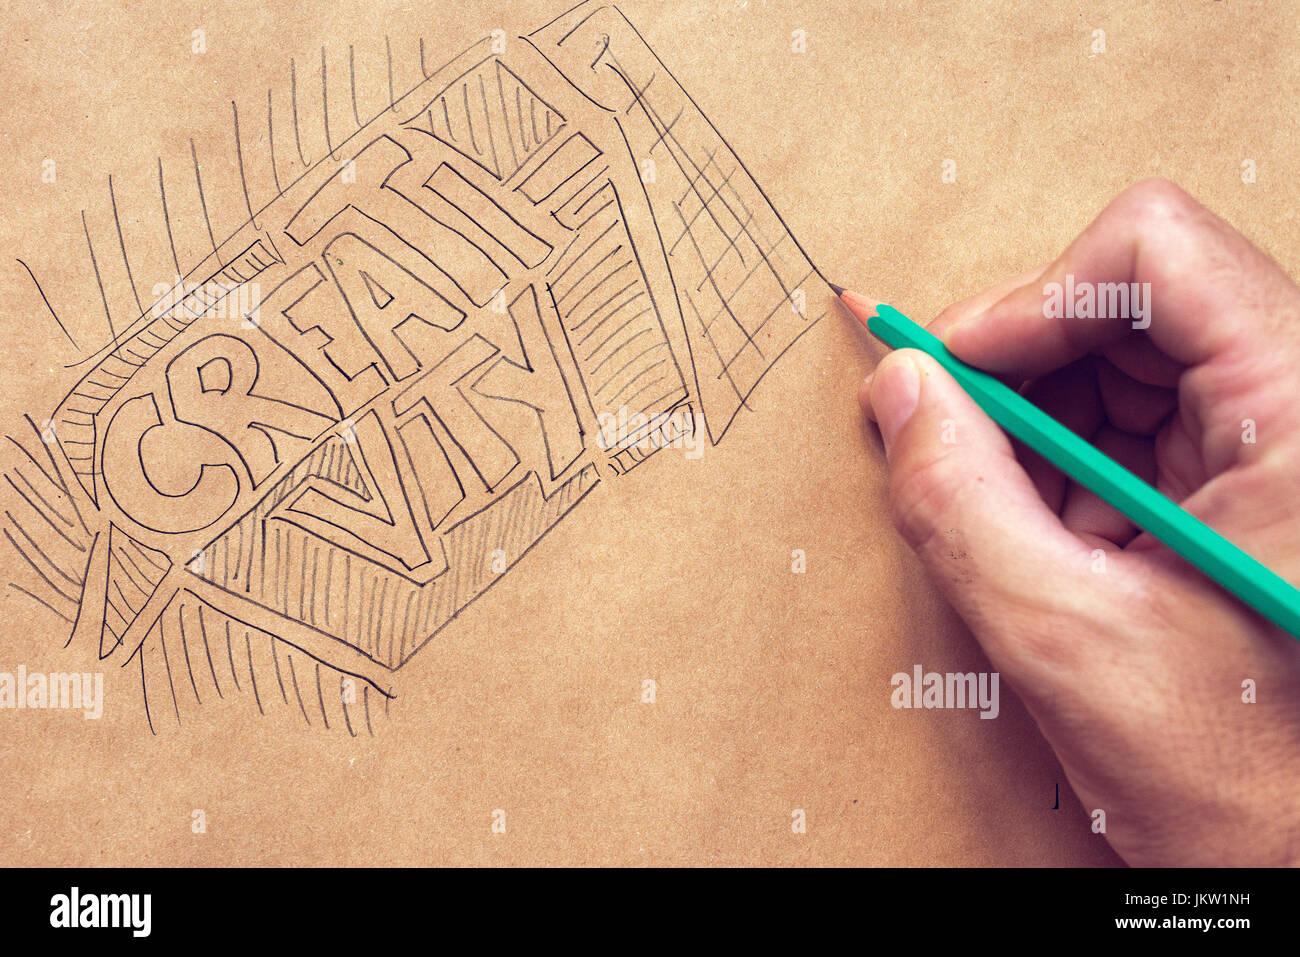 La creatività in graphic design, illustrazione e per iscritto con la mano maschio e matita Immagini Stock